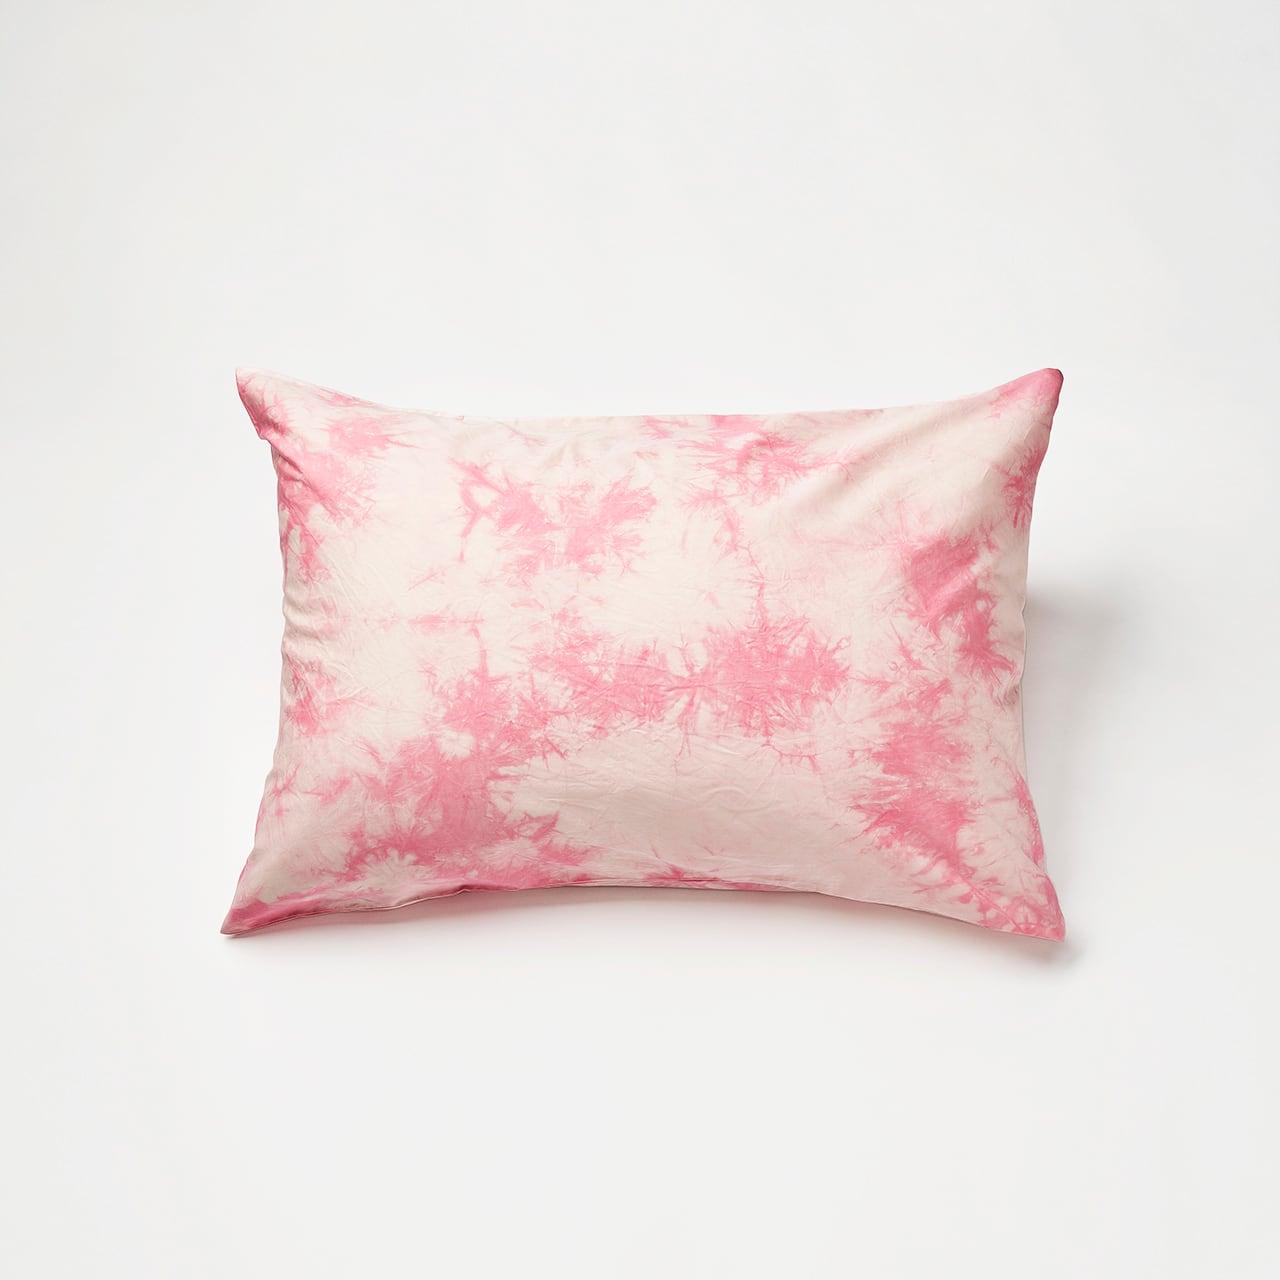 肌触りの良いピローケース(ピンク)封筒式 45×90cm